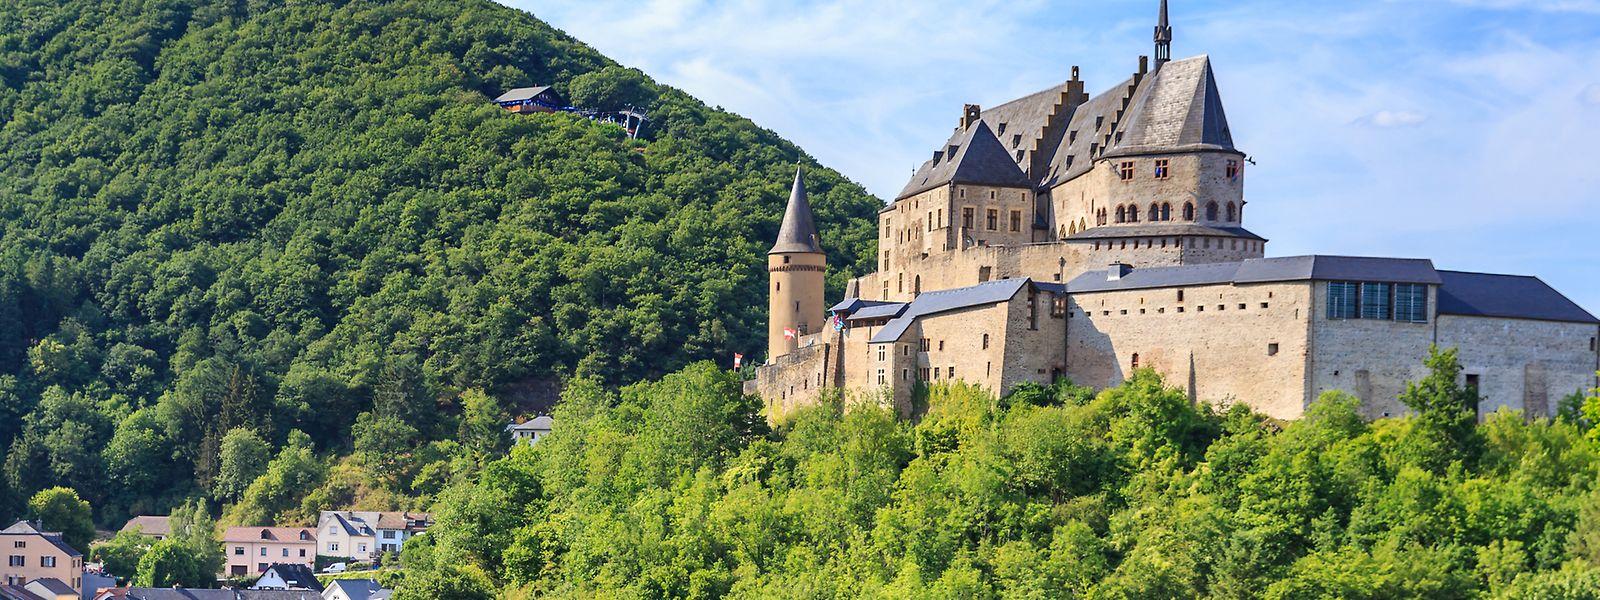 Parmi les 50 châteaux du pays, c'est celui de Vianden qui a eu les faveurs de la chaîne CNN.